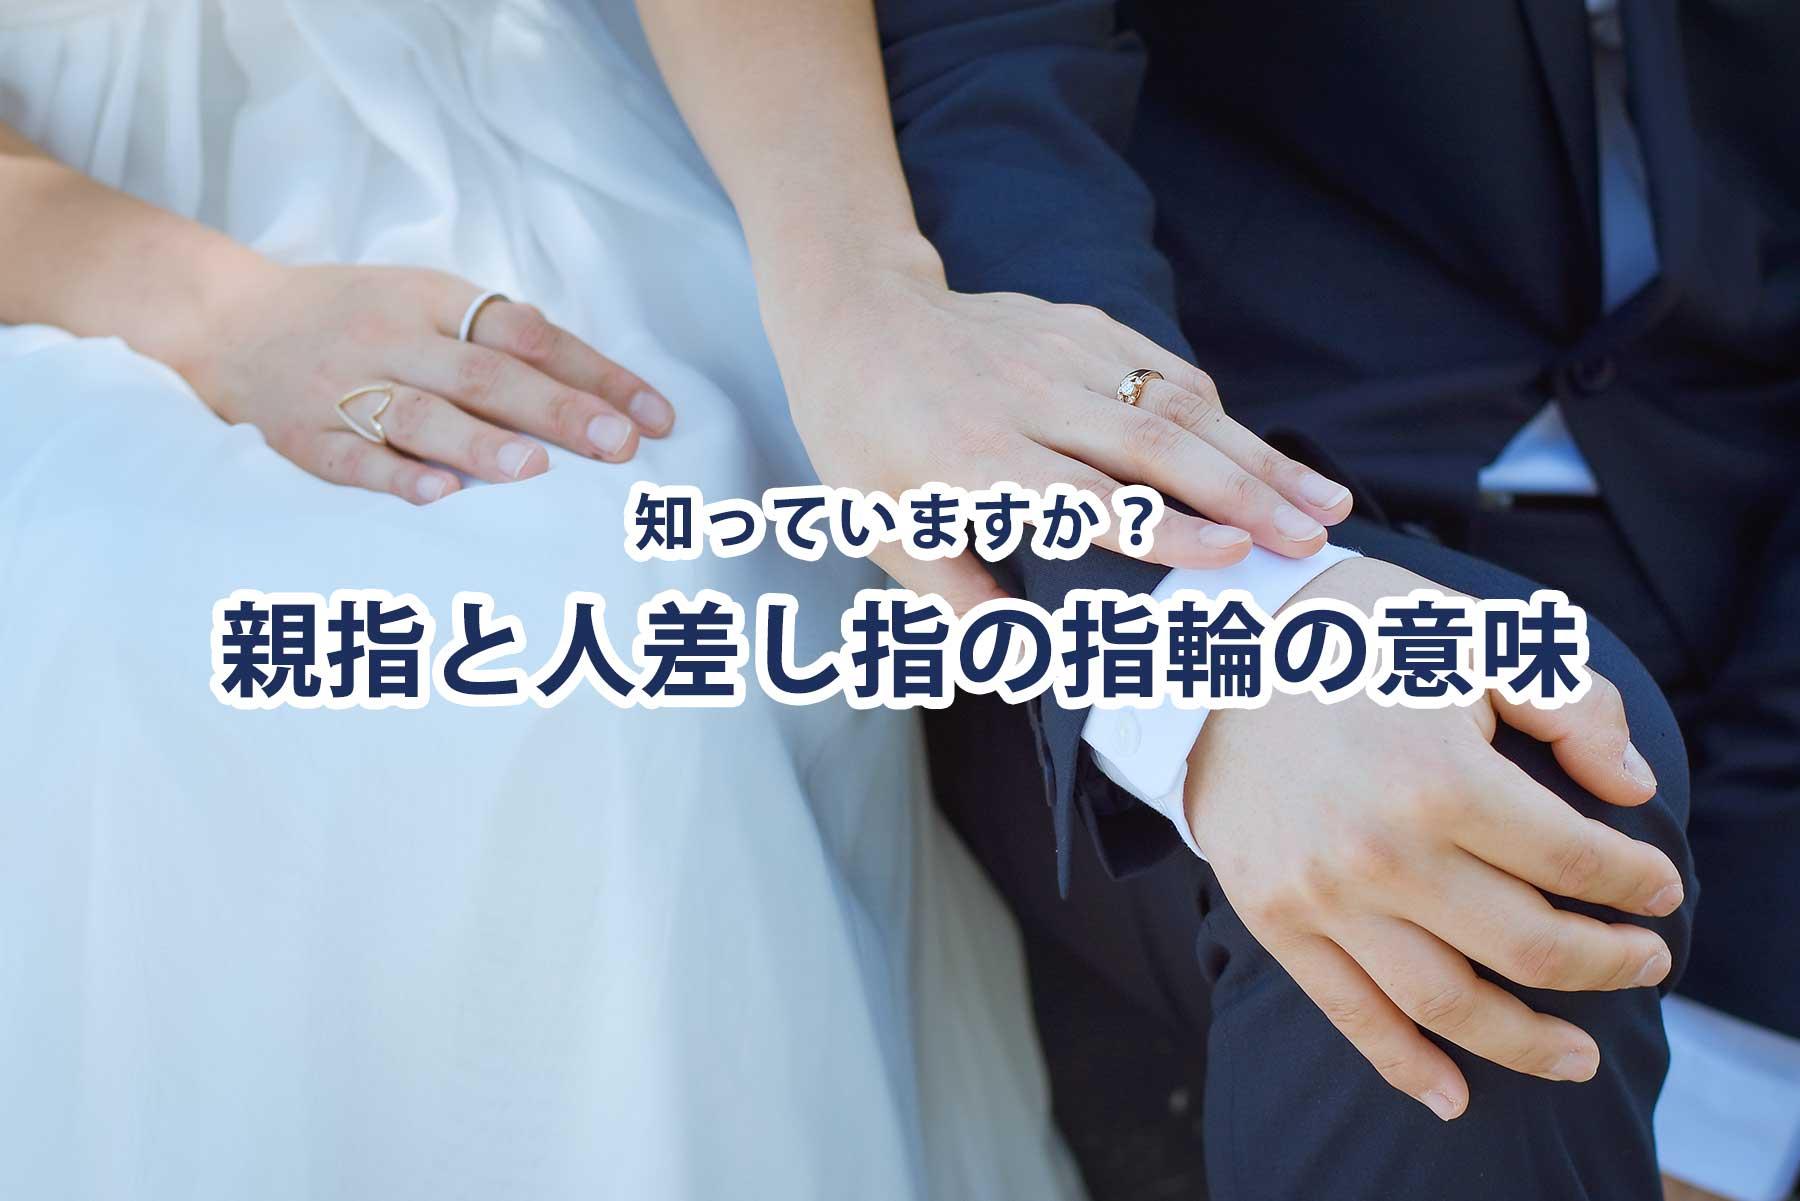 親指と人差し指の指輪の意味